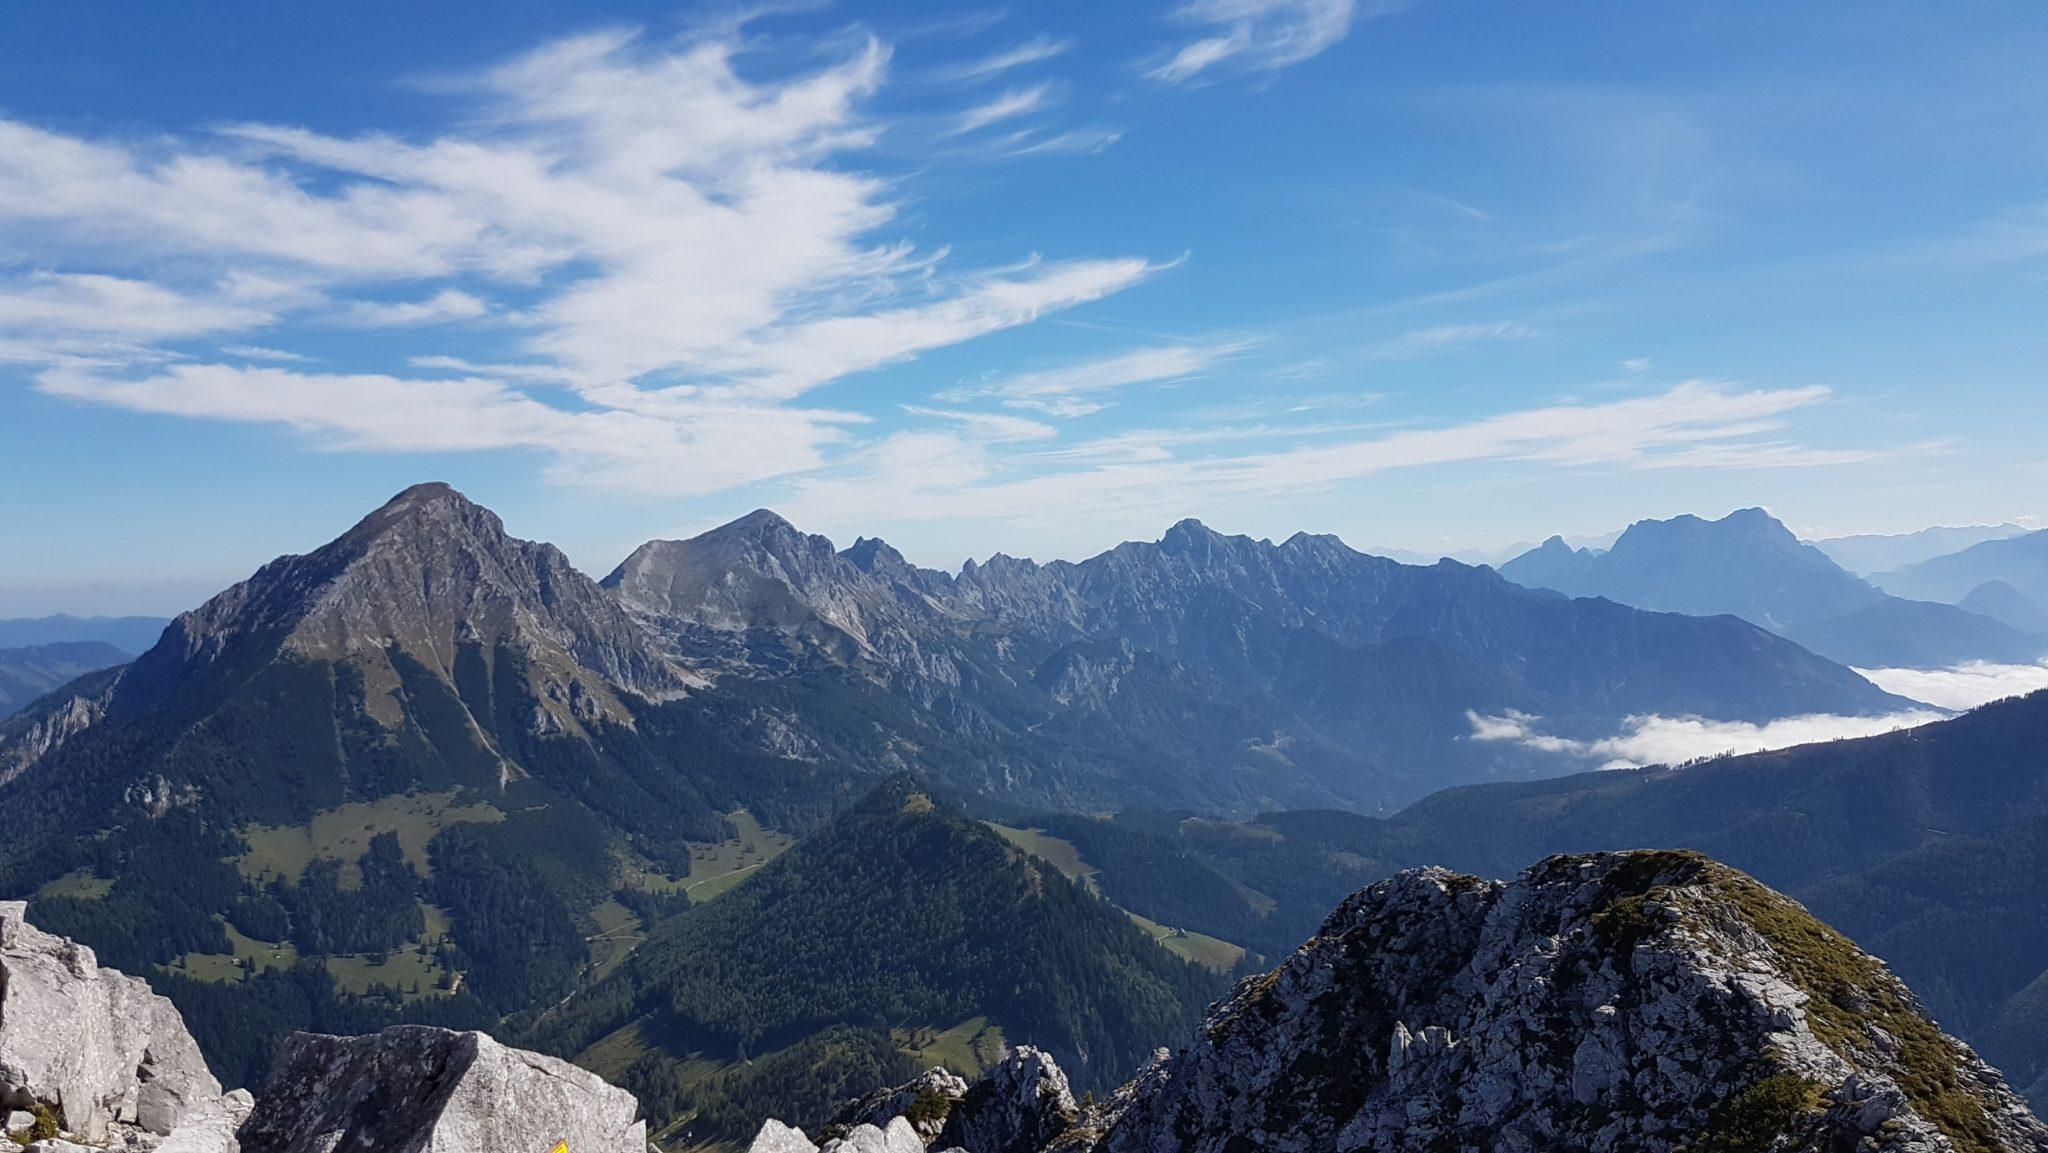 Hallermauern von Bosruck Gesäuse Wildfrauenhöhle Ardningalm Privatzimmer und Ferienwohnungen Gassner Nationalpark Gesäuse